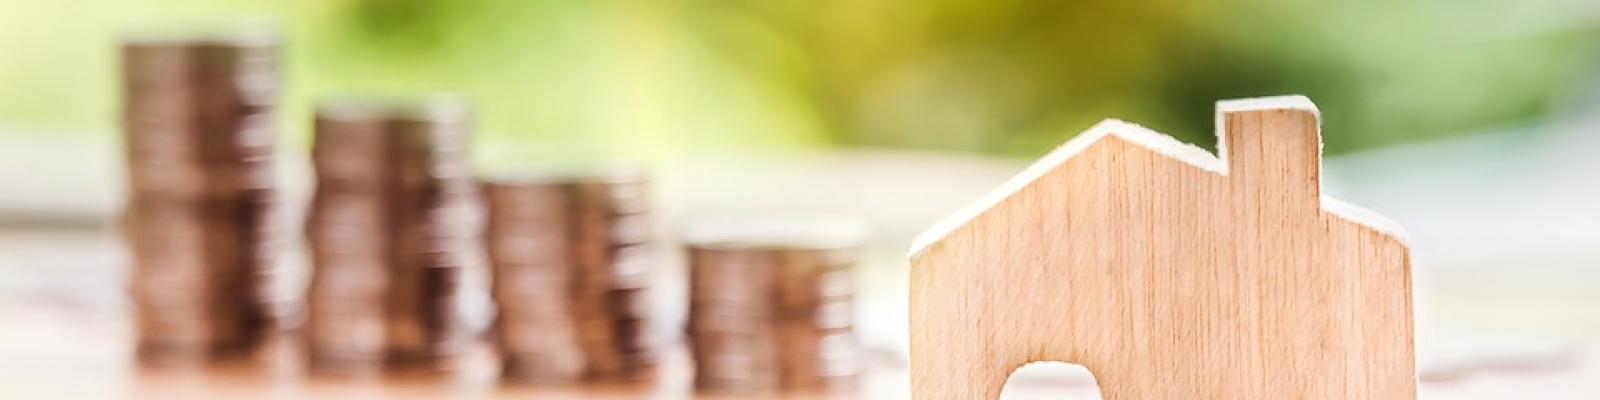 geld en houten huisje